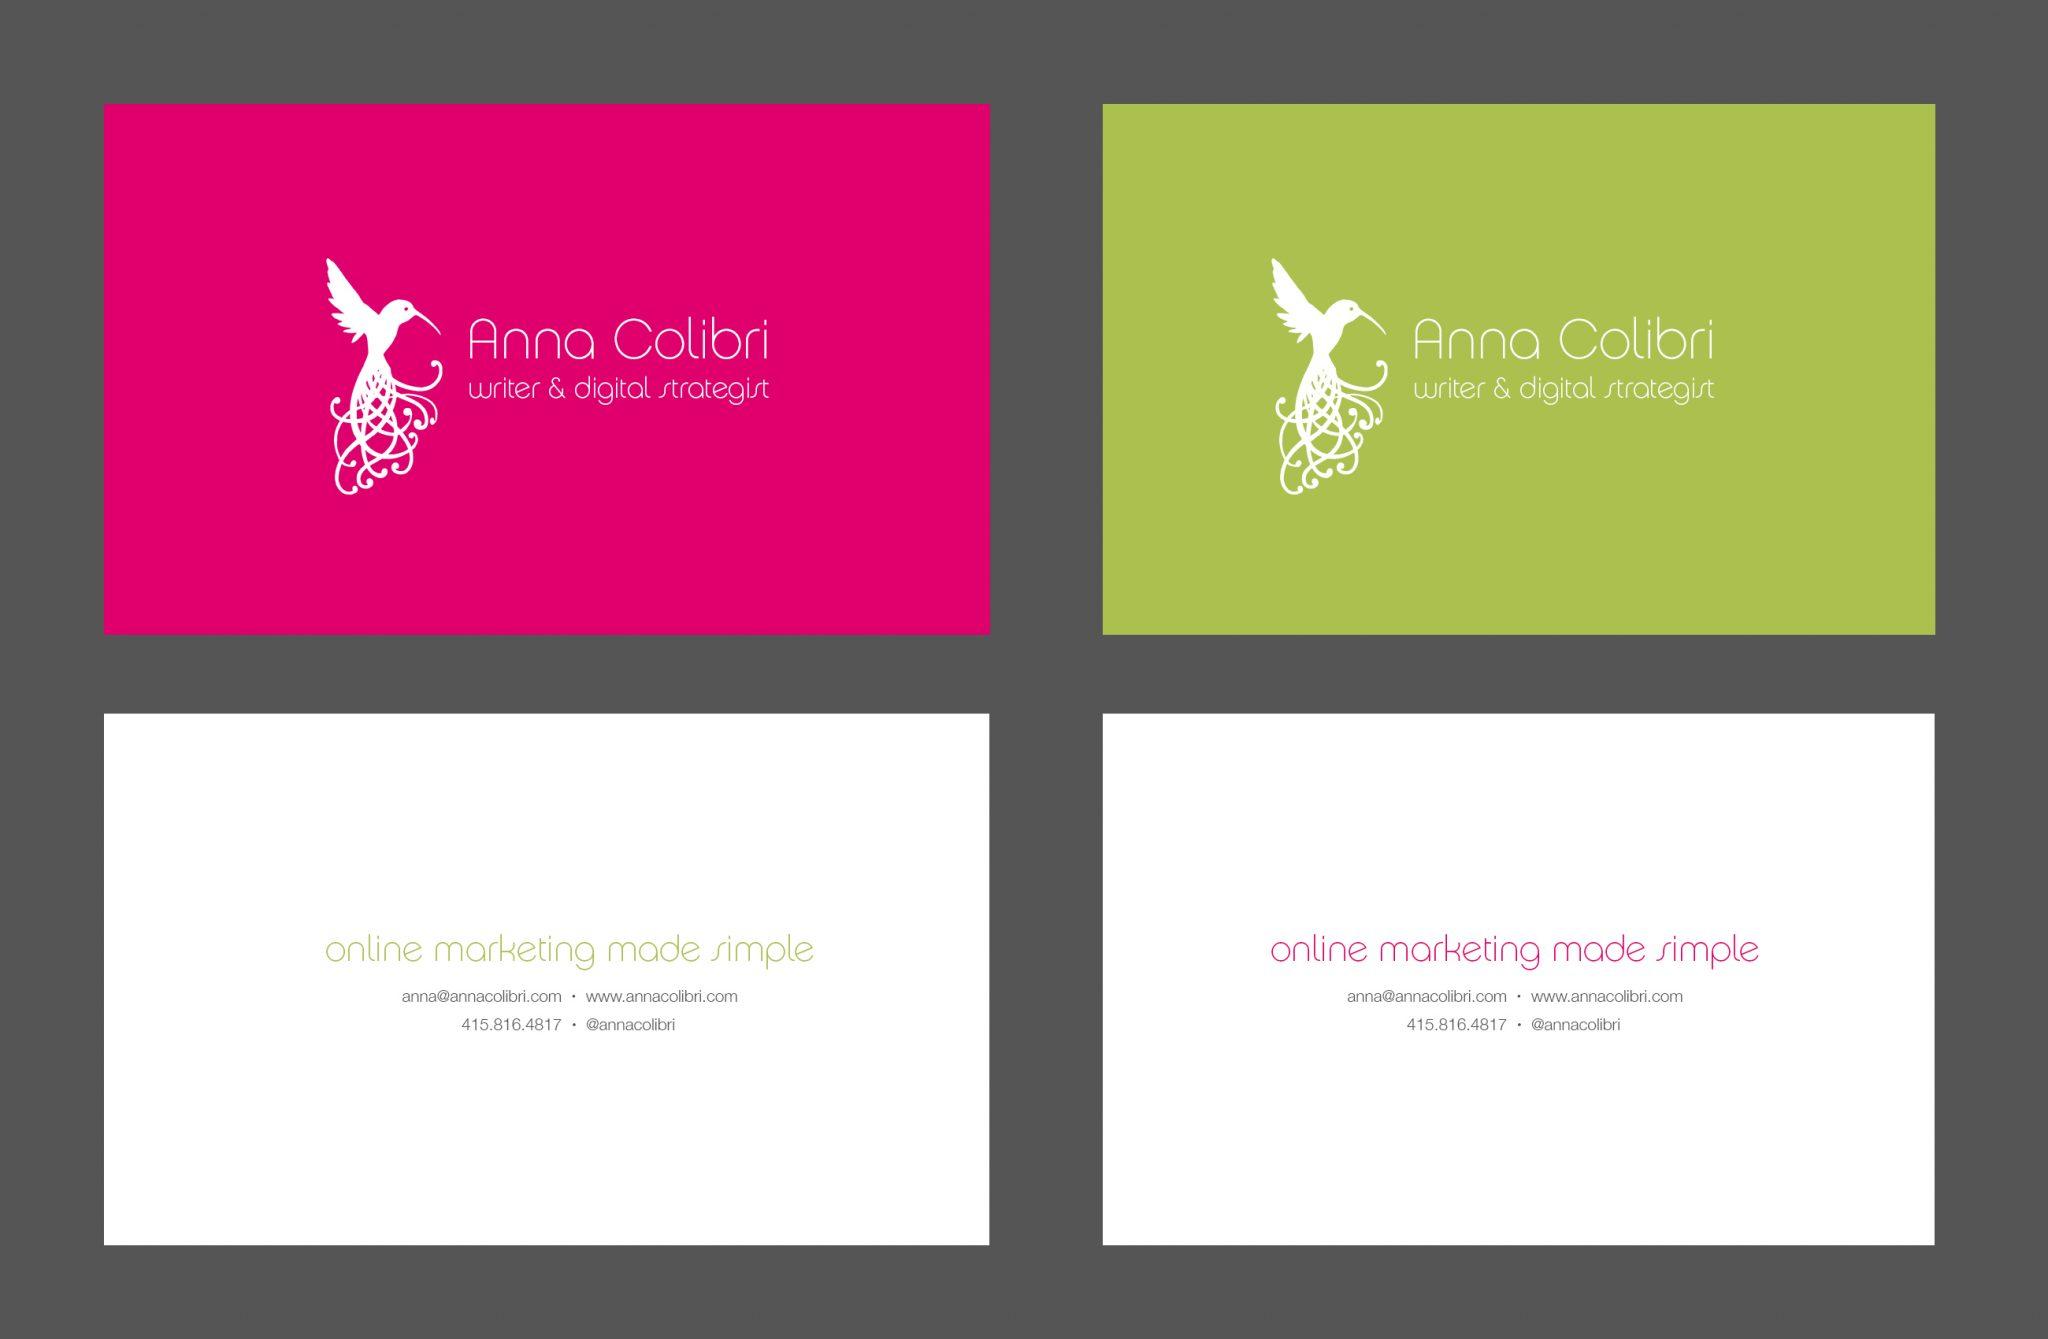 AC edit • Colibri Digital Marketing